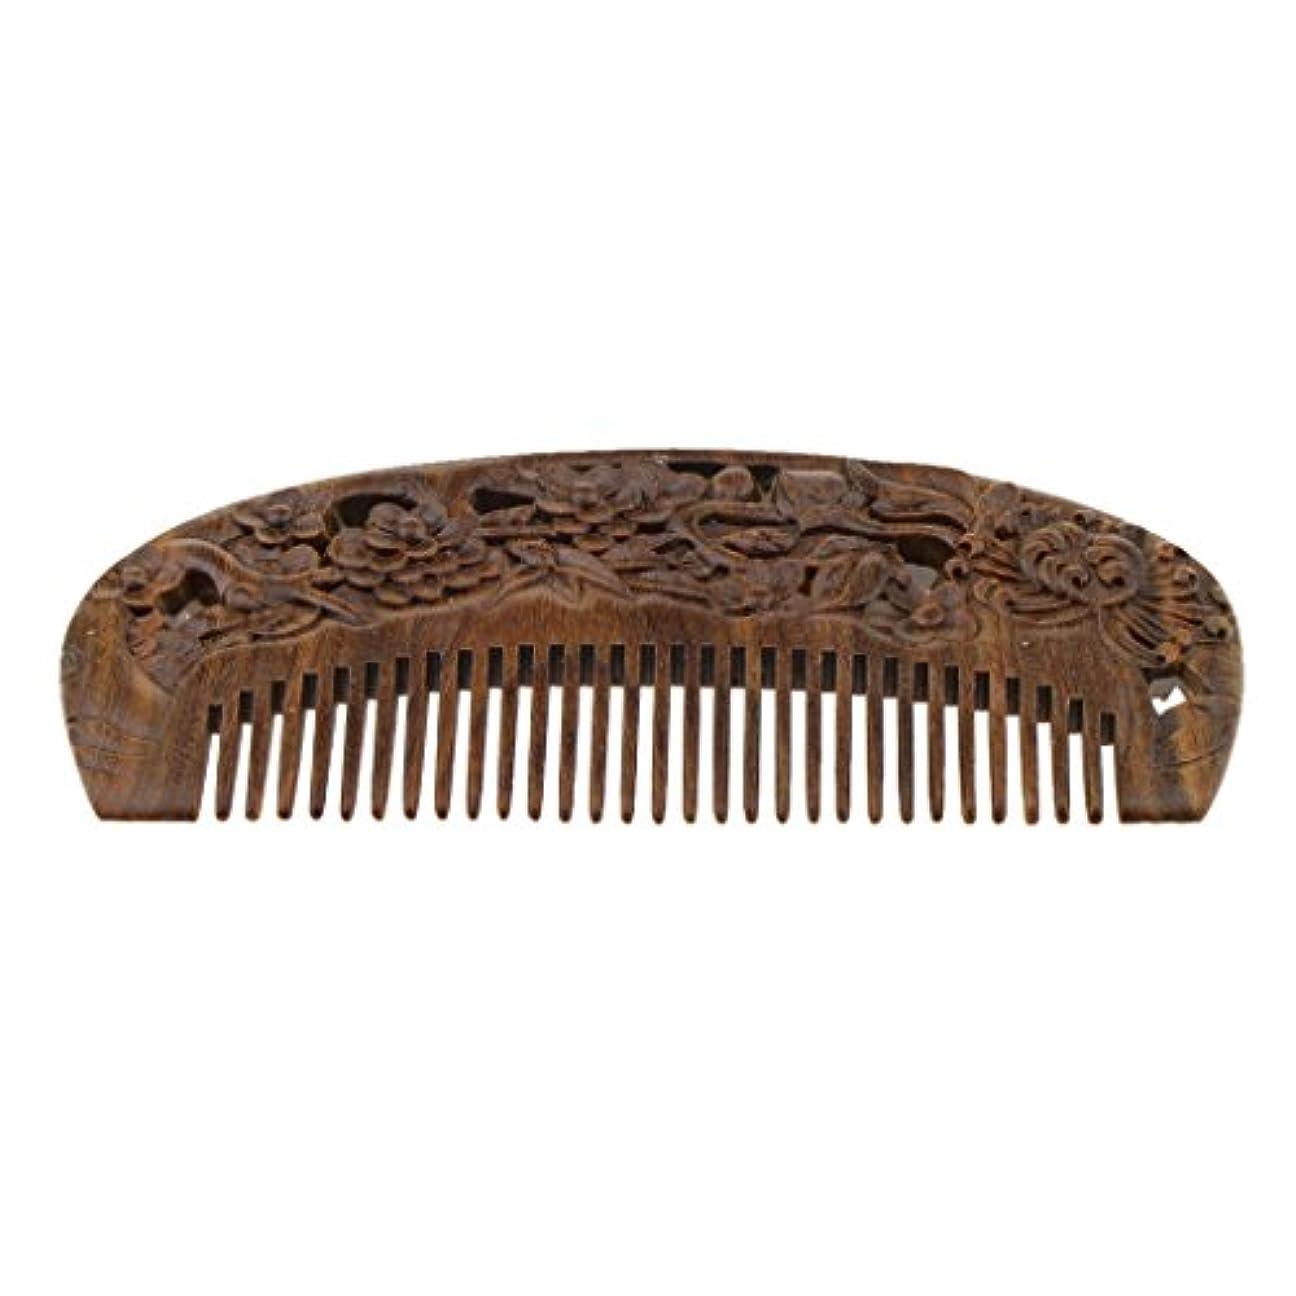 宿追い出す仕様ナチュラル ウッドコーム 木製コーム 頭皮マッサージ ワイド歯 ヘアブラシ ヘアスタイリング 2タイプ選べる - #2